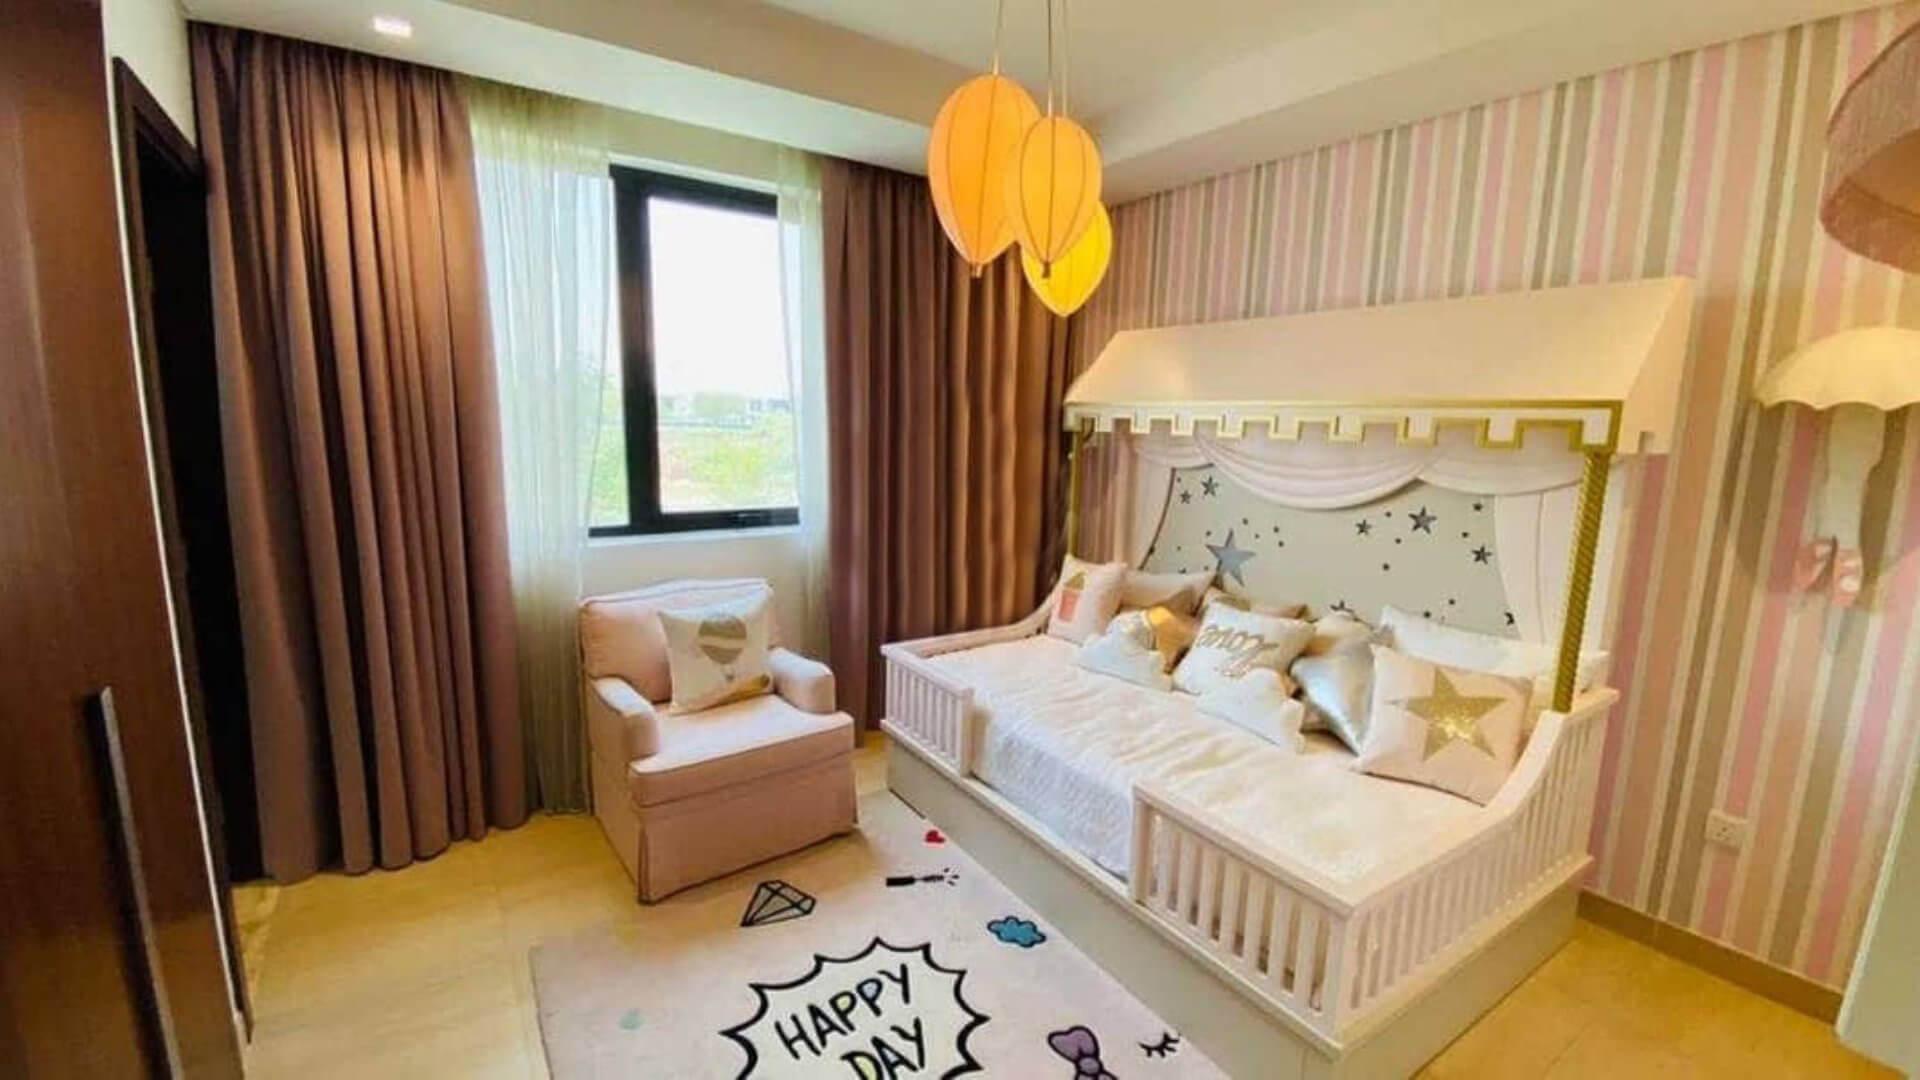 Villa en venta en Dubai, EAU, 3 dormitorios, 188 m2, № 24539 – foto 5